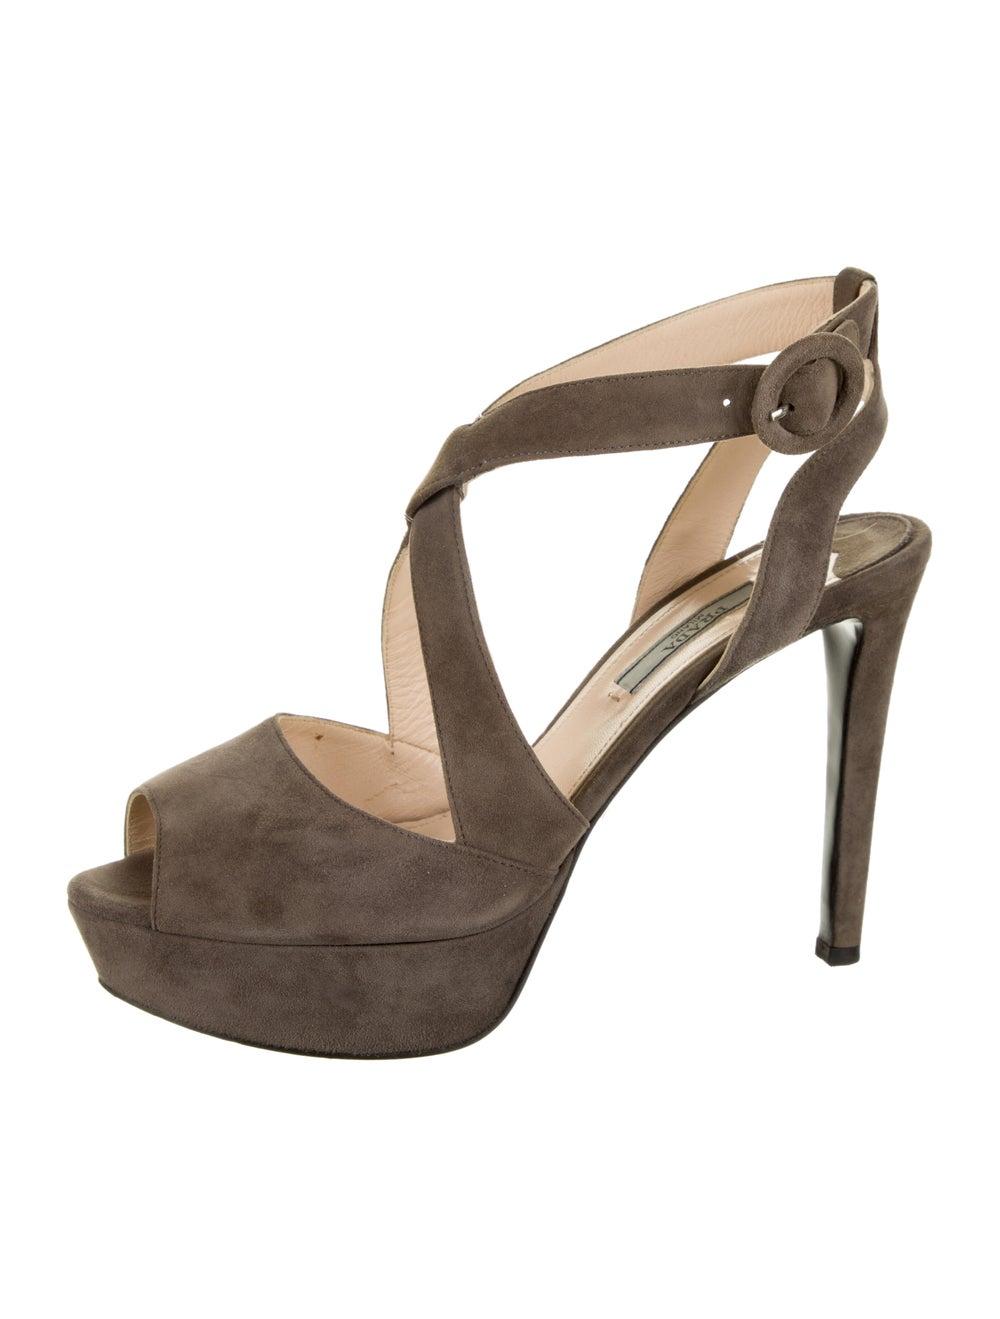 Prada Suede Sandals Grey - image 2